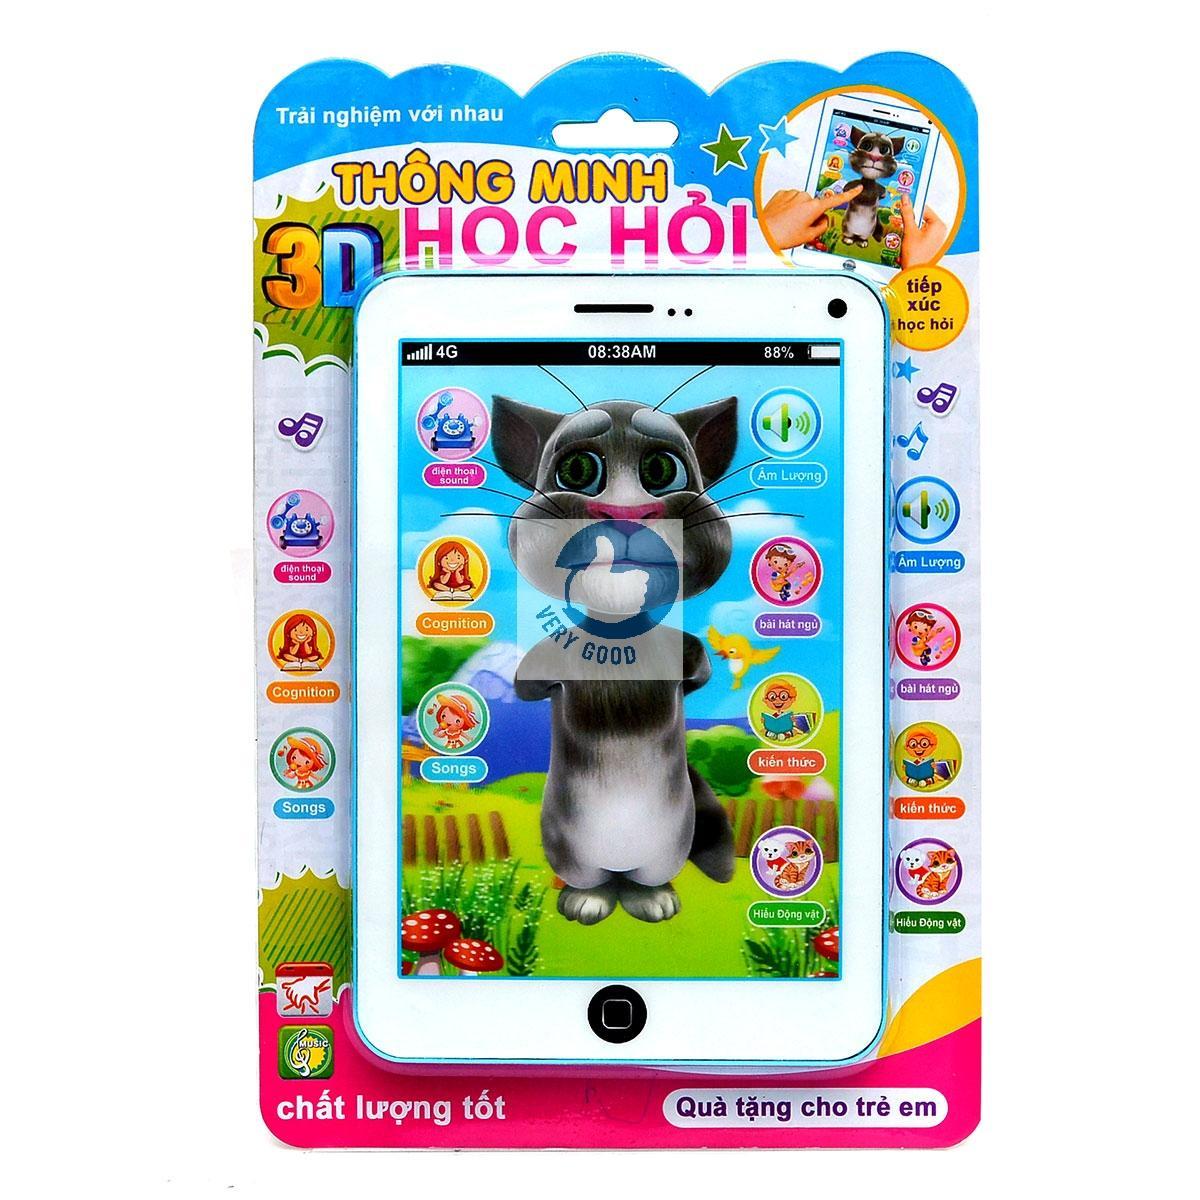 Hình ảnh Đồ chơi Ipad mèo Tom thông minh đa chức năng biết kể chuyện, hát, cho bé